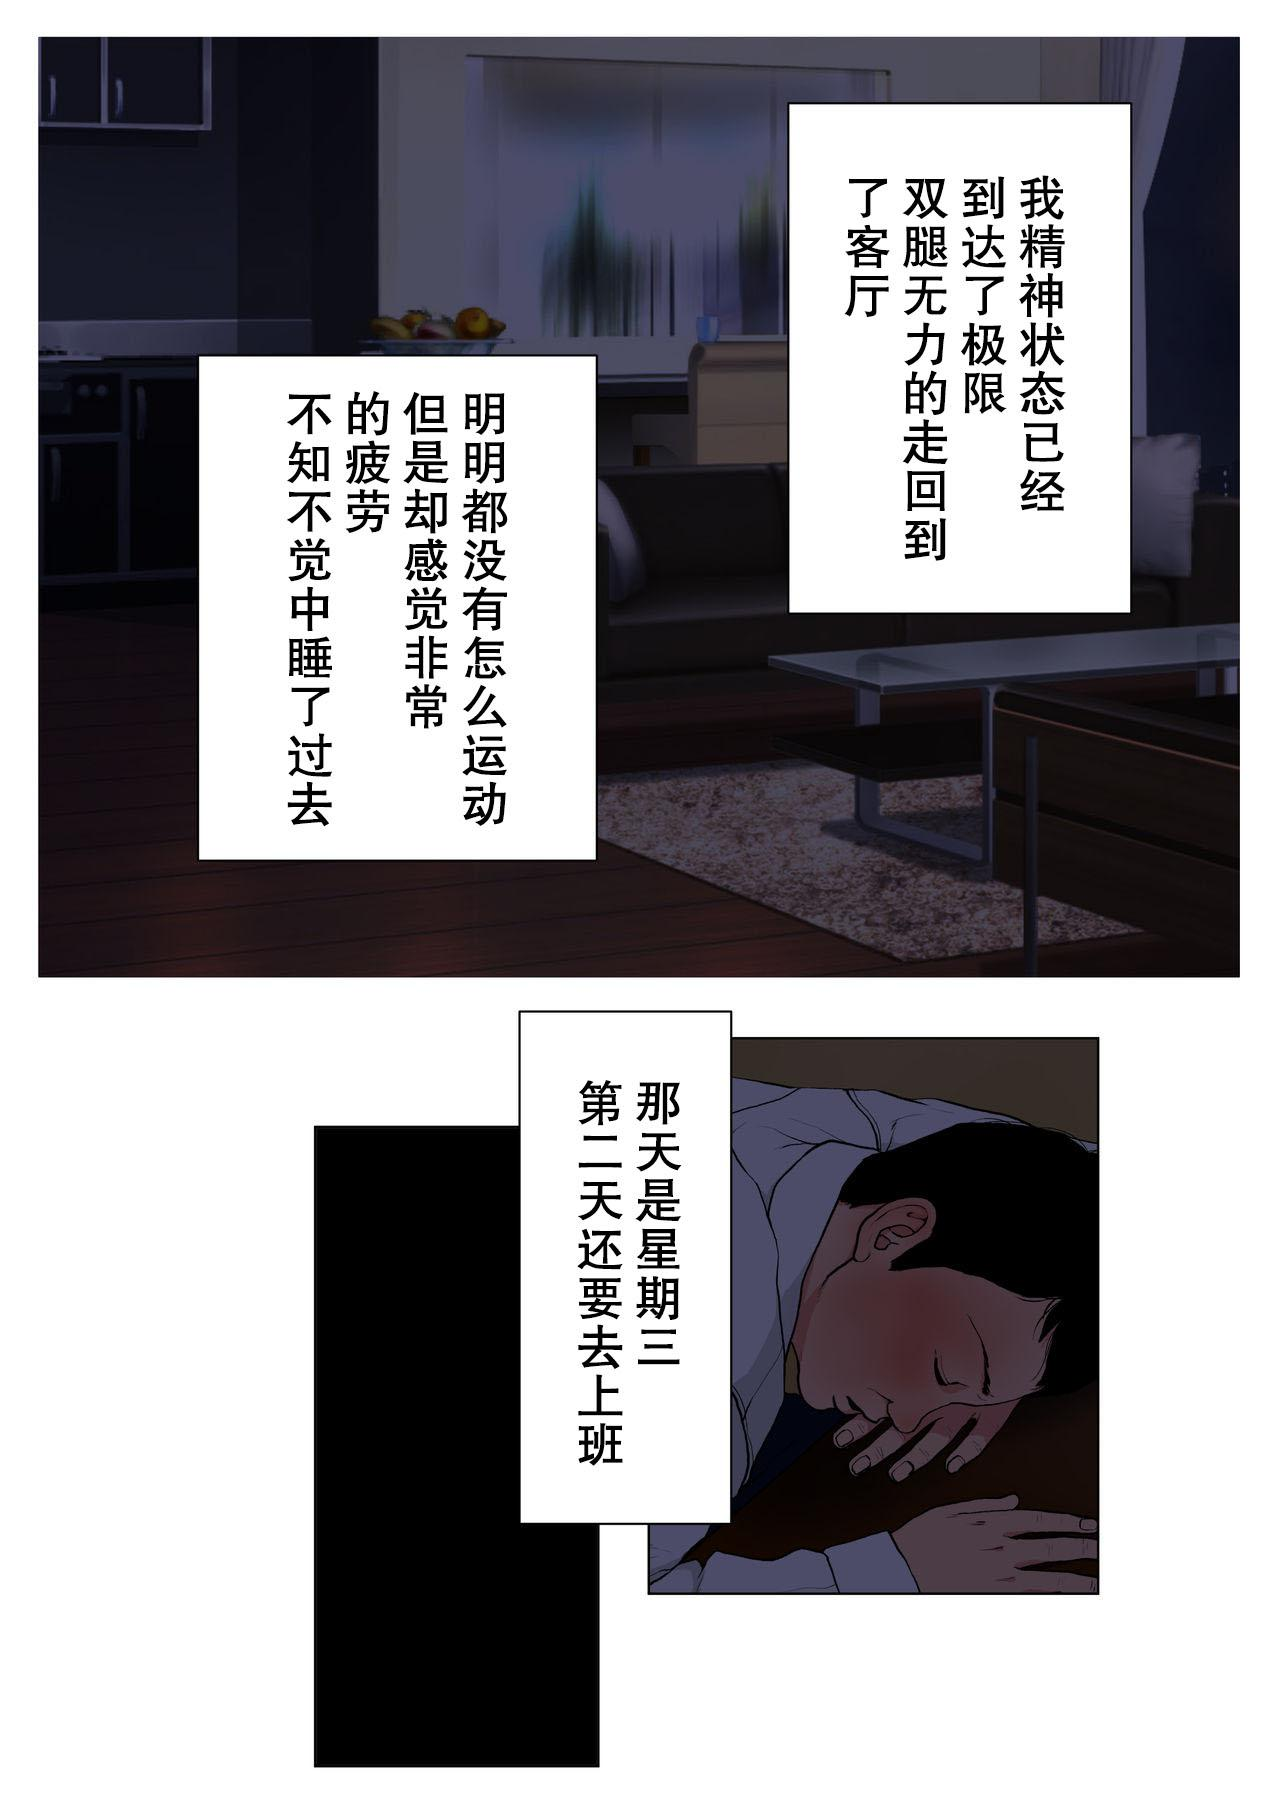 [W no Honnou] Shin, Boku no Tsuma to Kyokon no Moto AV Danyuu Buchou[Chinese]【不可视汉化】 66